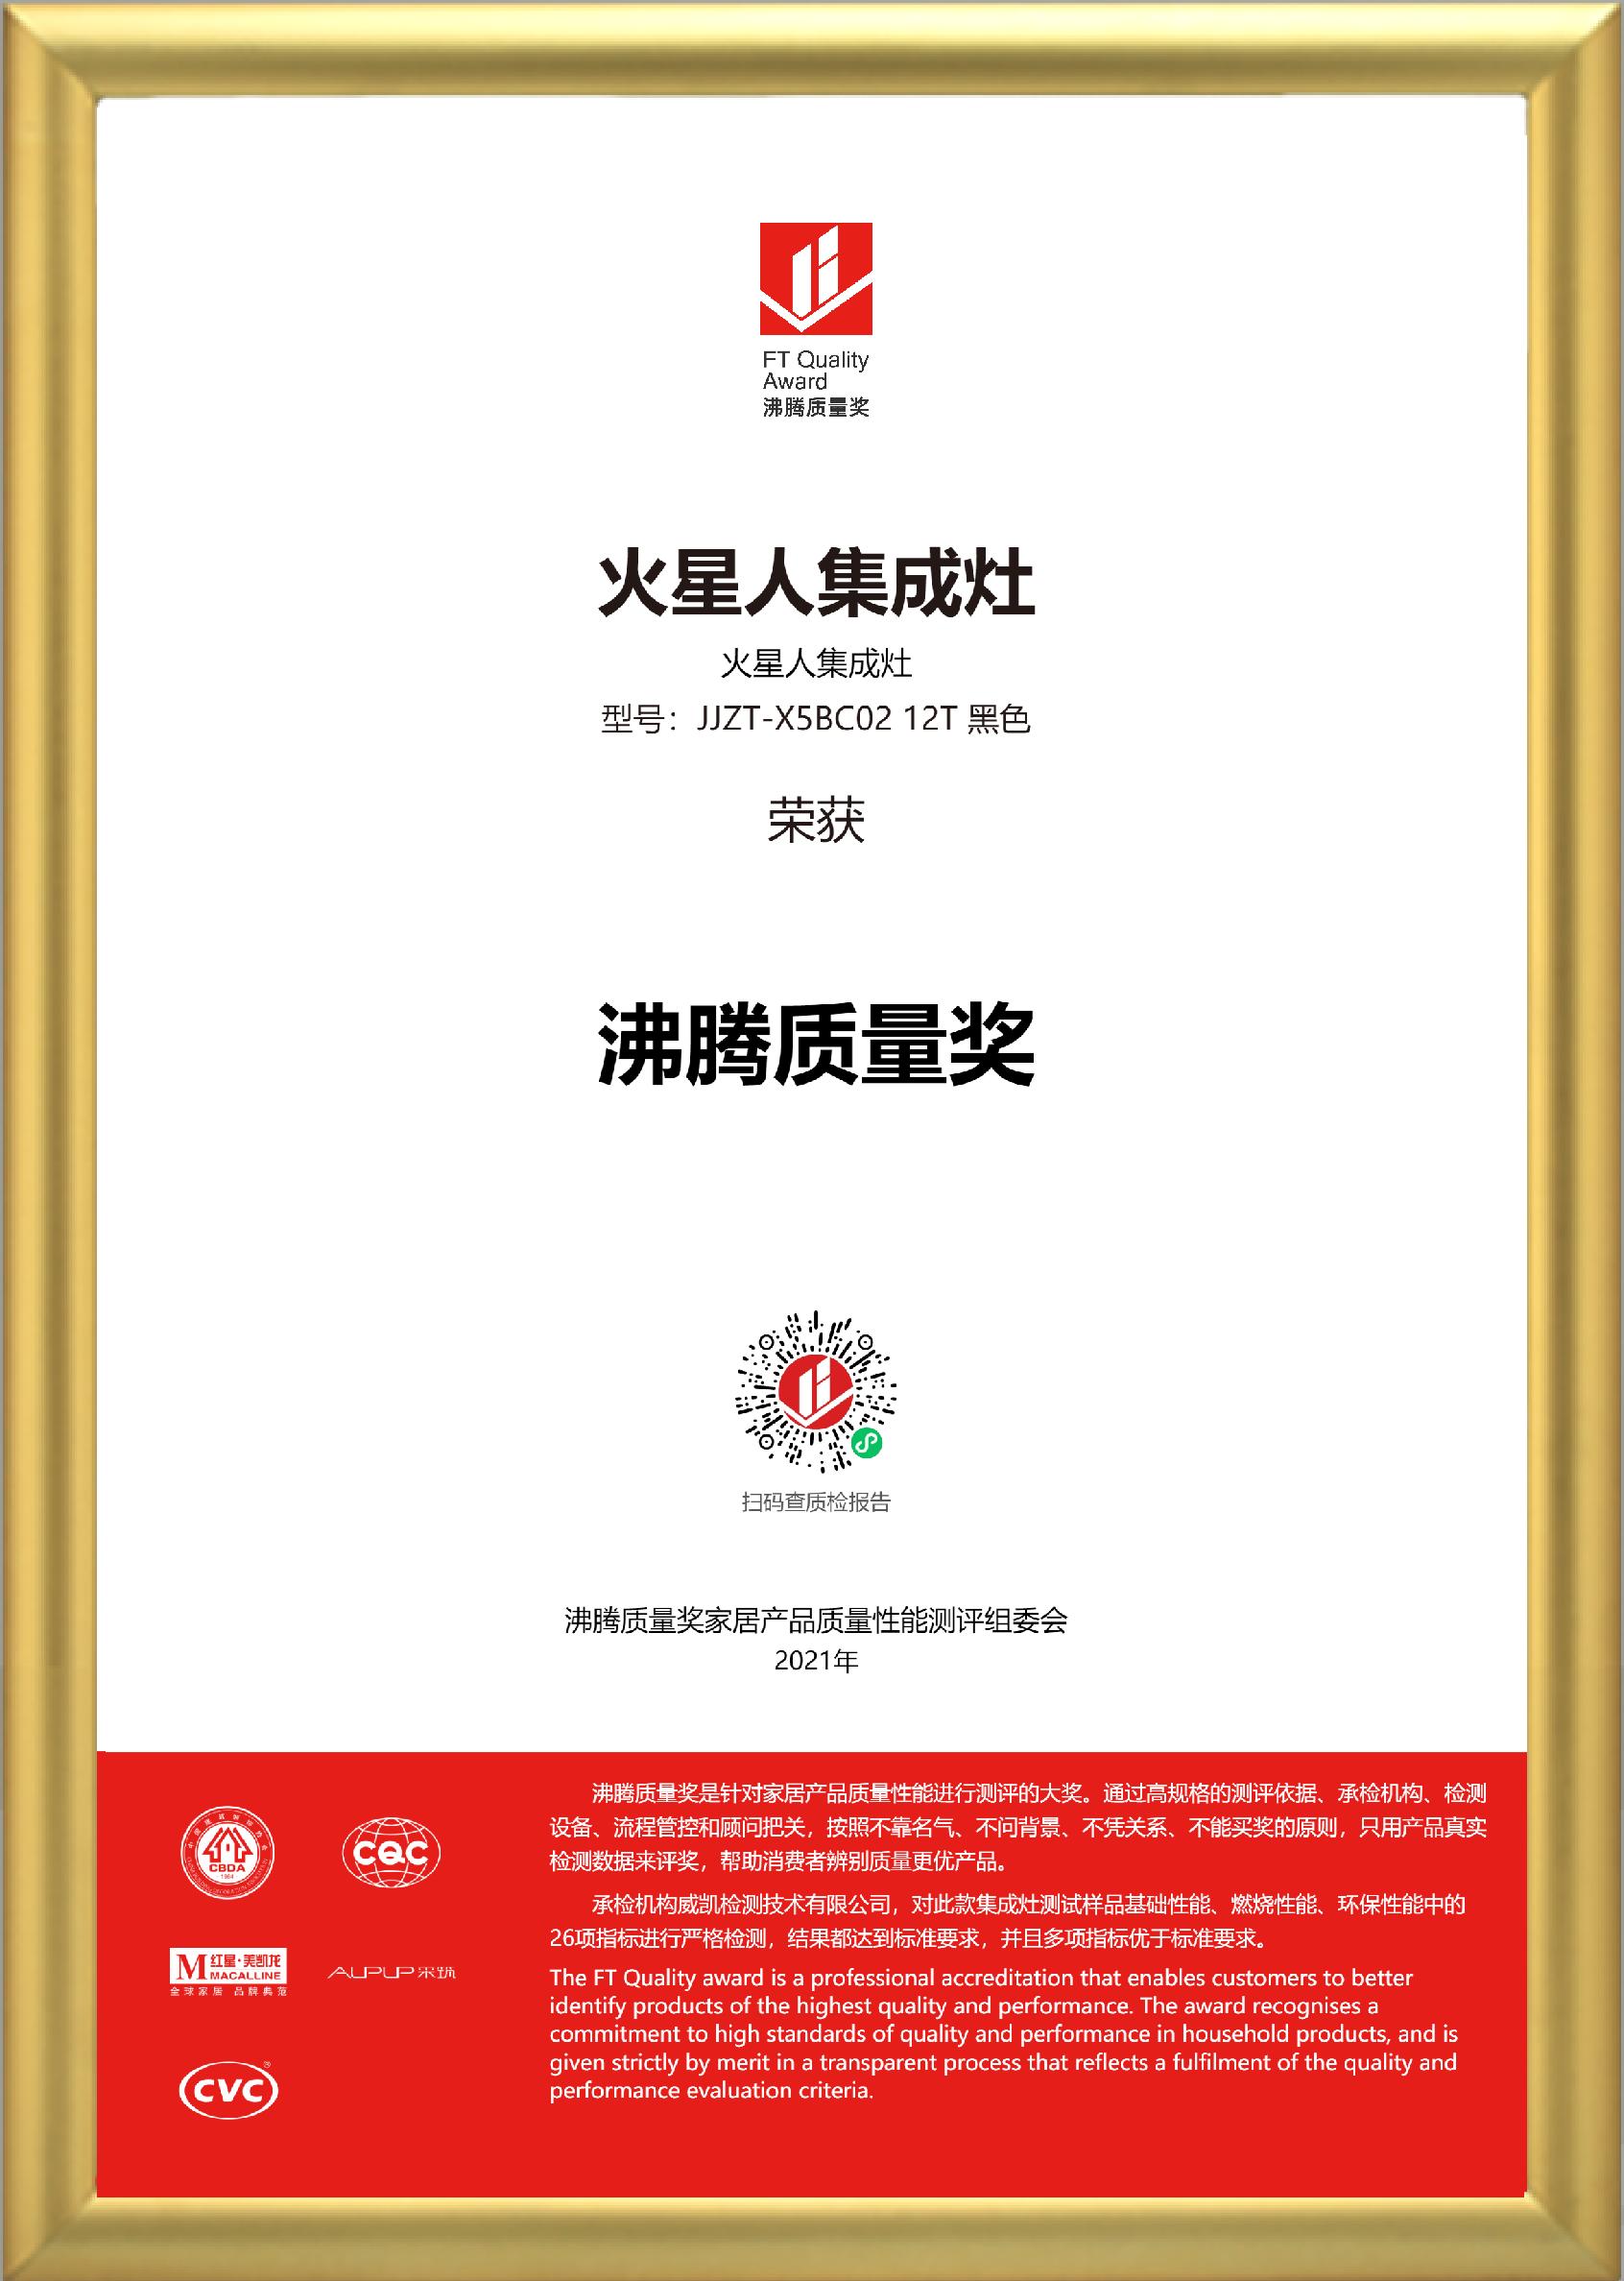 金框加持-获奖证书-火星人-集成灶-JJZT-X5BC02 12T 黑色.png